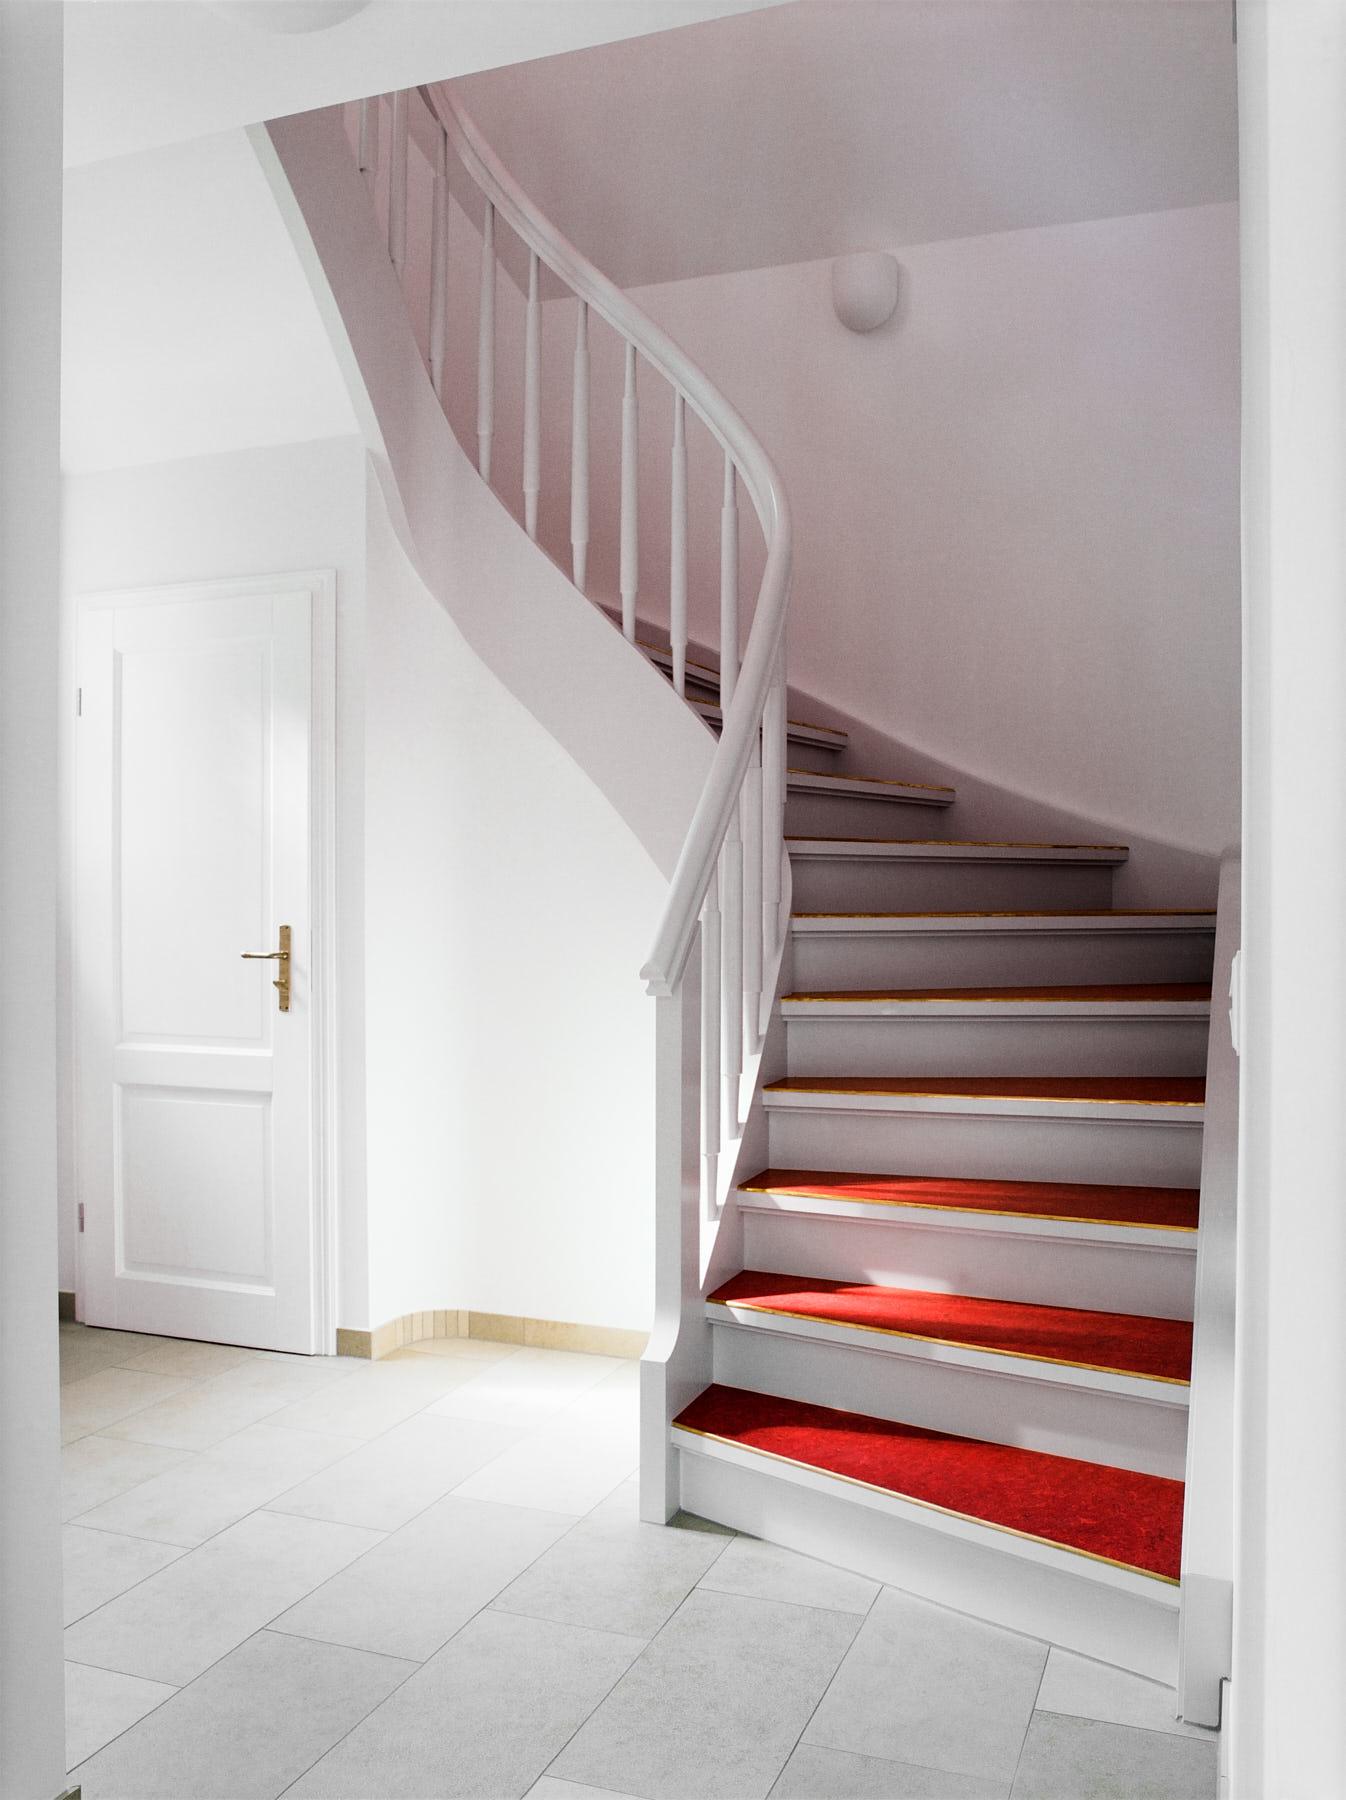 Hervorragend weisse-treppe-mit-rotem-linoleum-1 - Daniel Beutler Treppenbau AB51